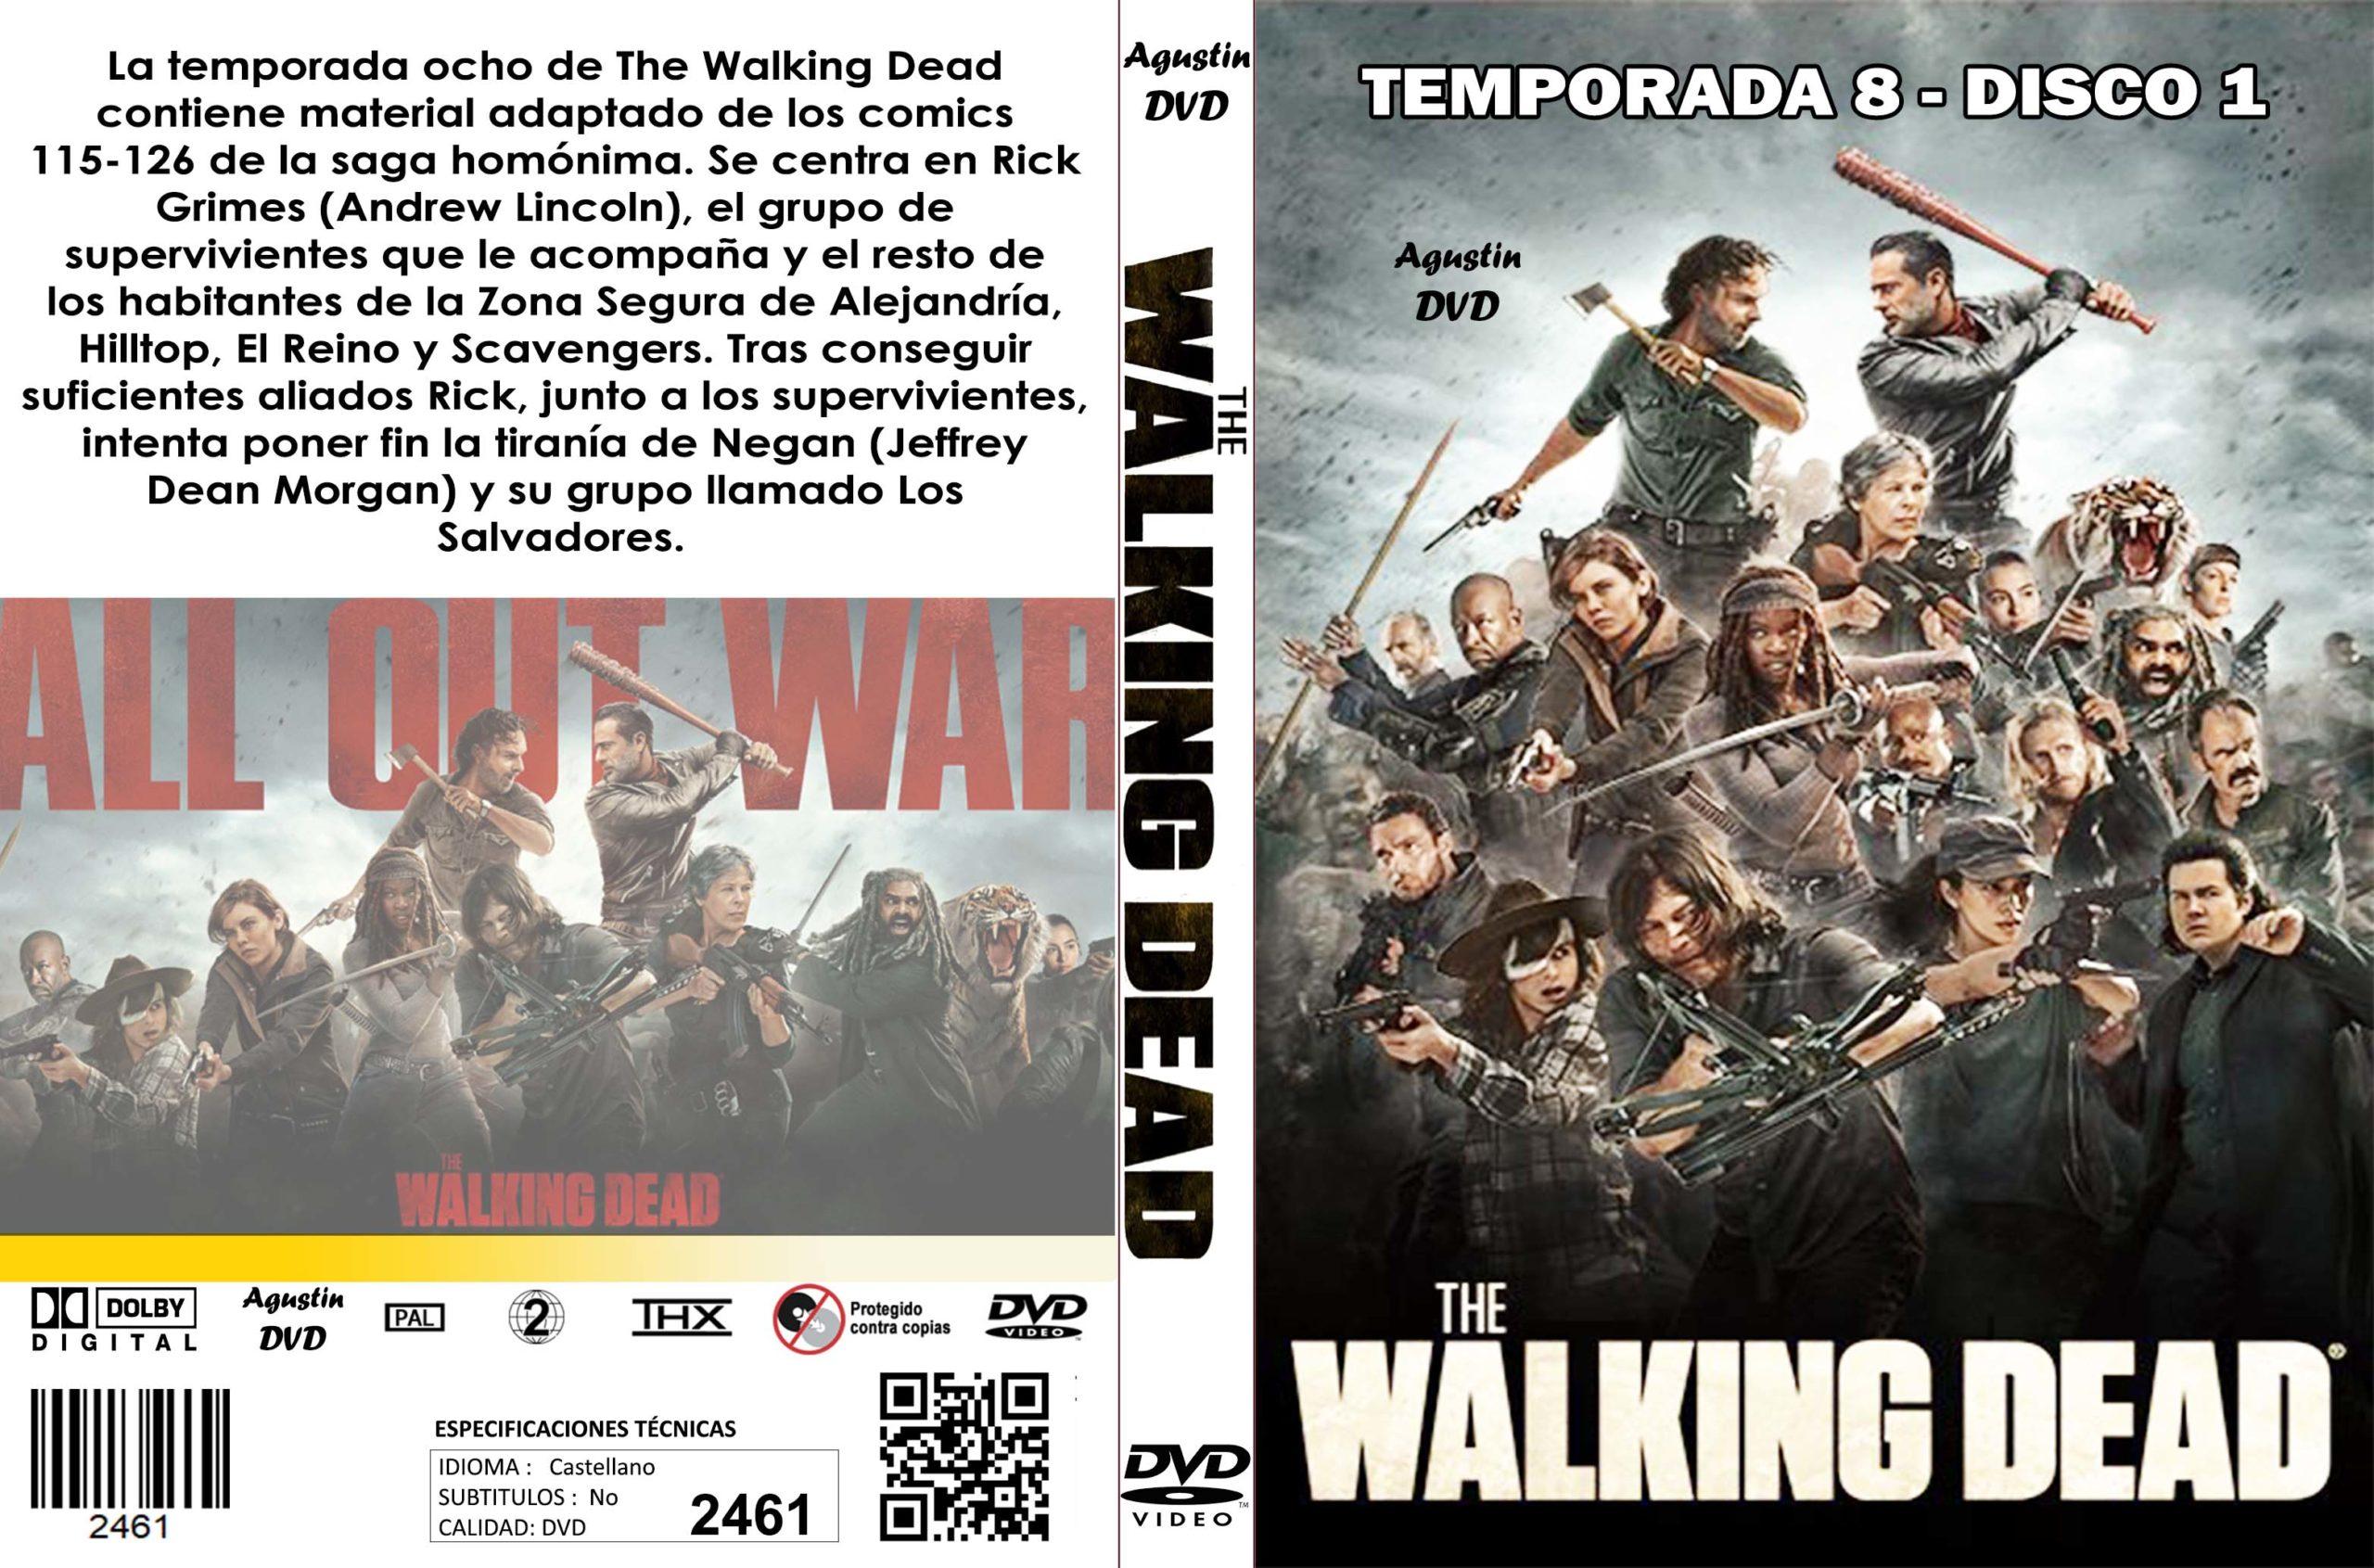 2461 The Walking Dead Temporada 8 Disco 1 Catalogo Dvd